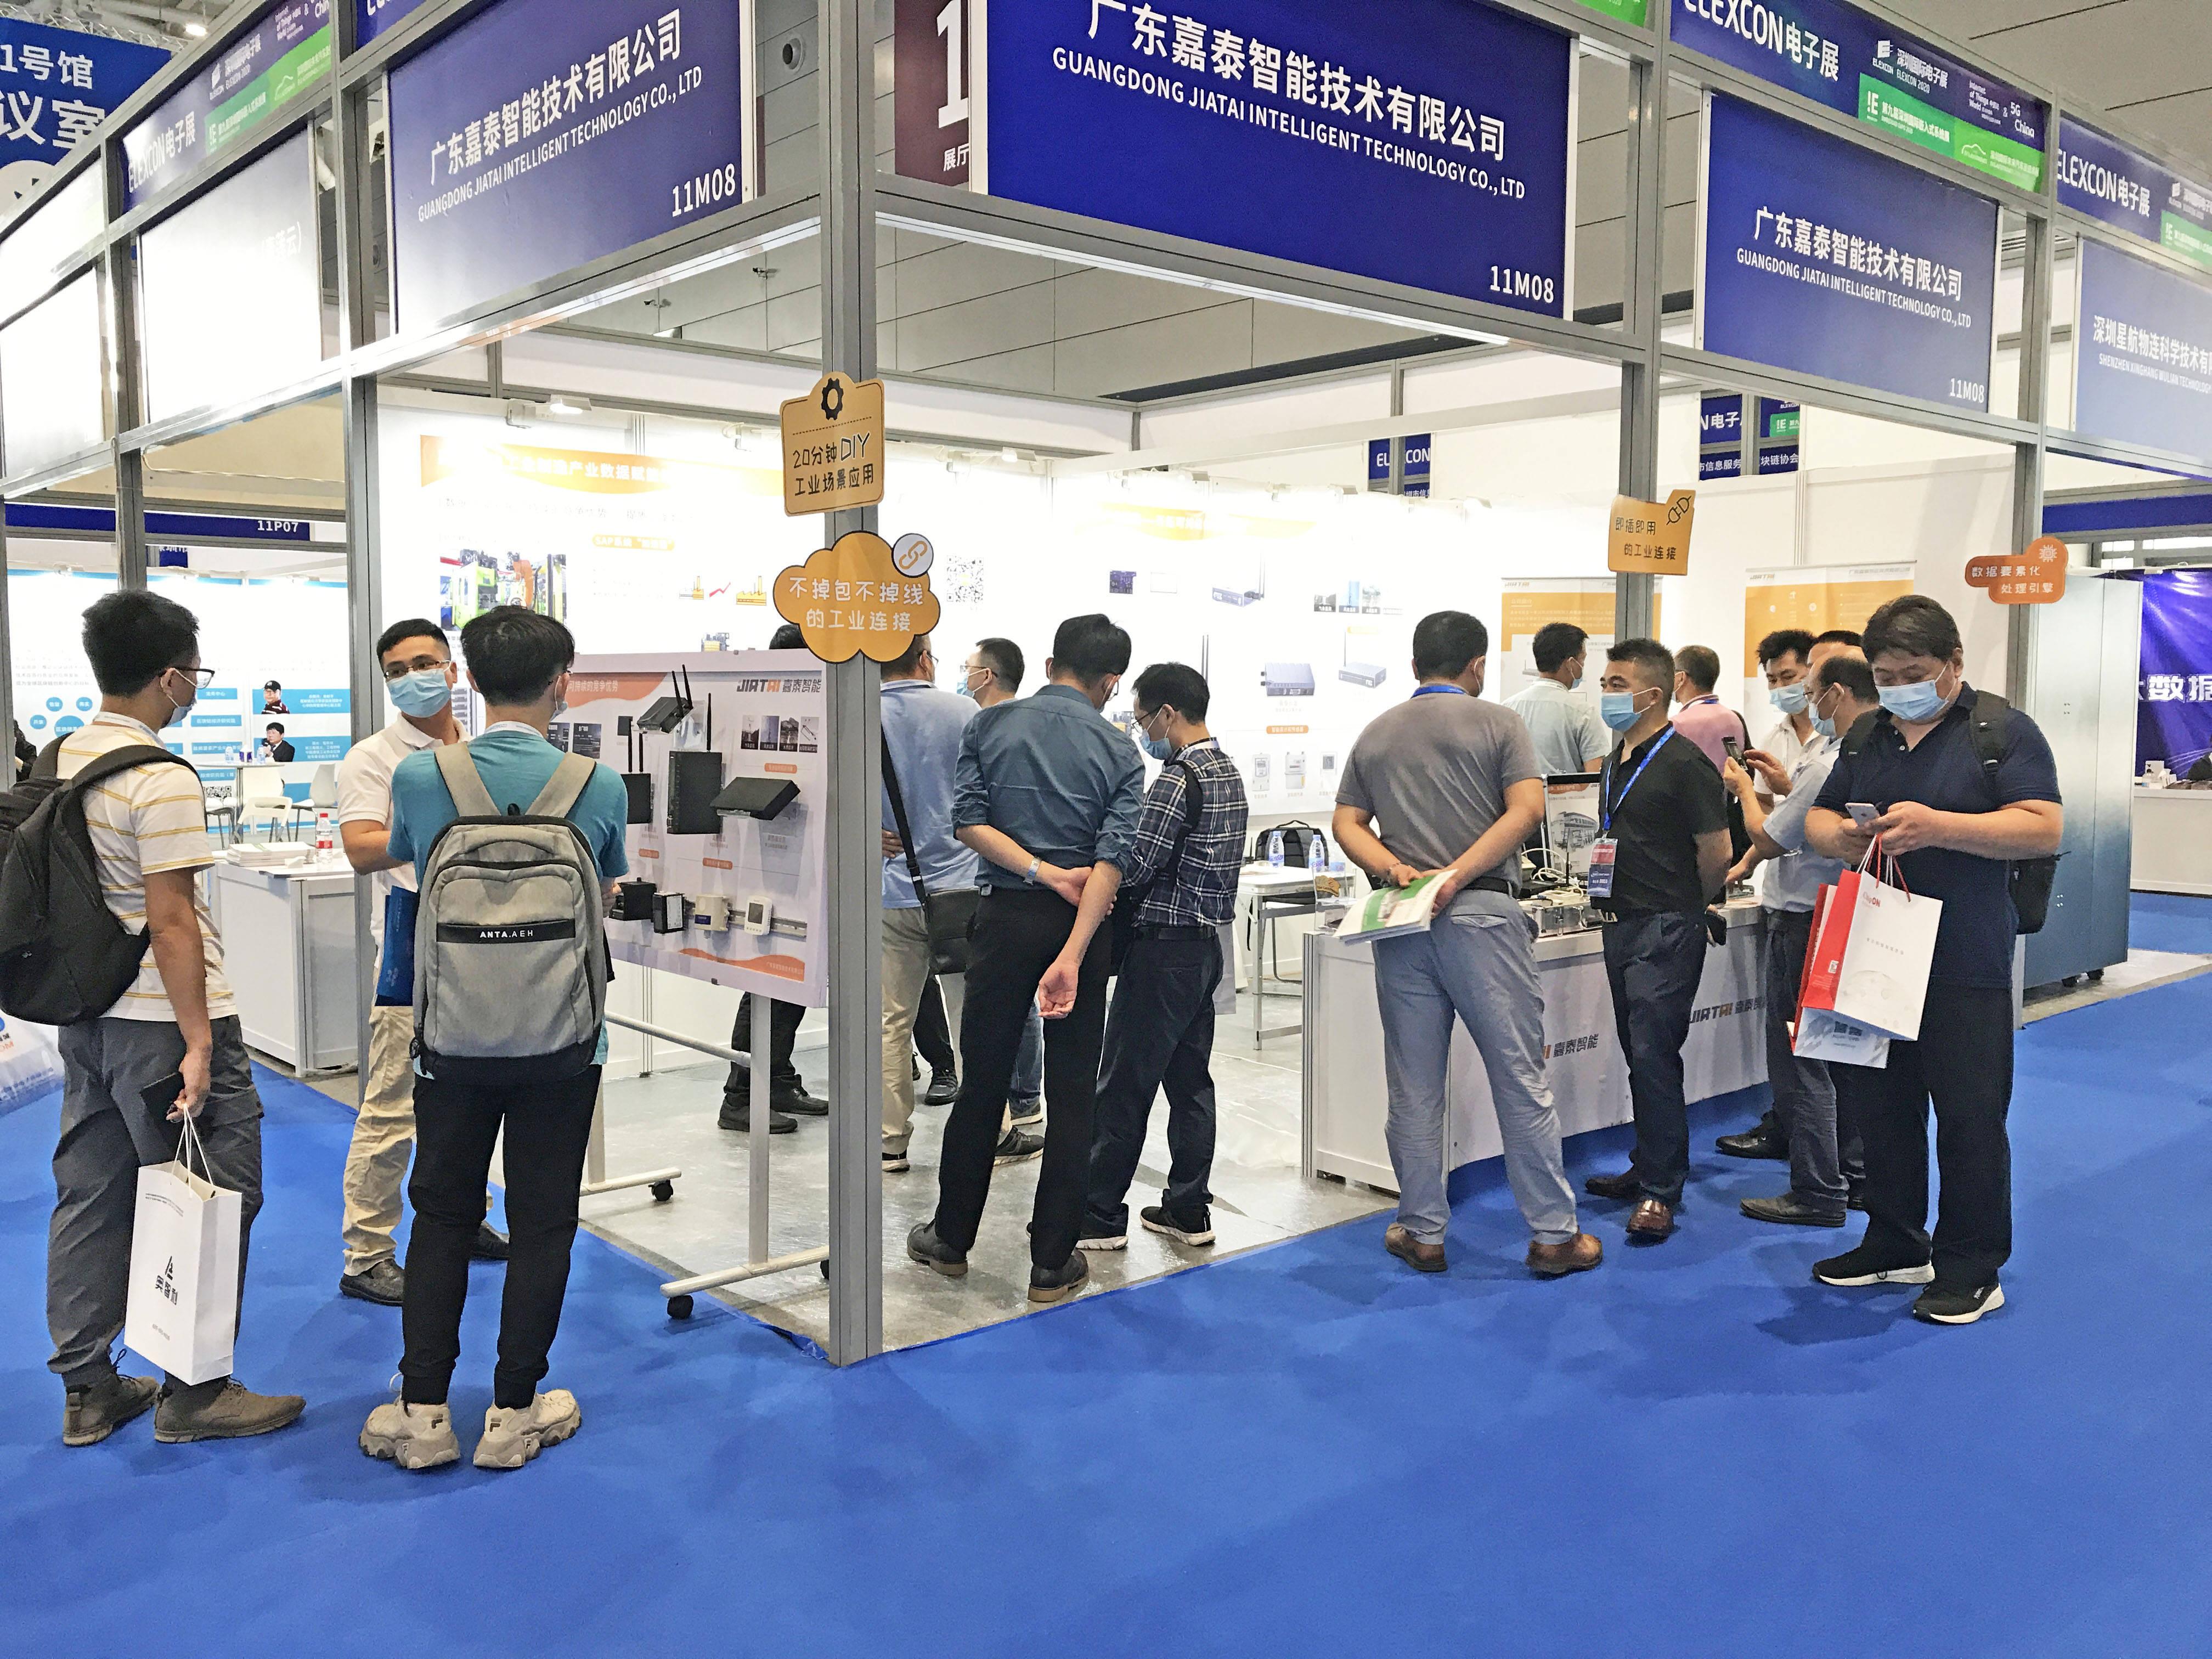 嘉泰智能亮相2020深圳国际电子展